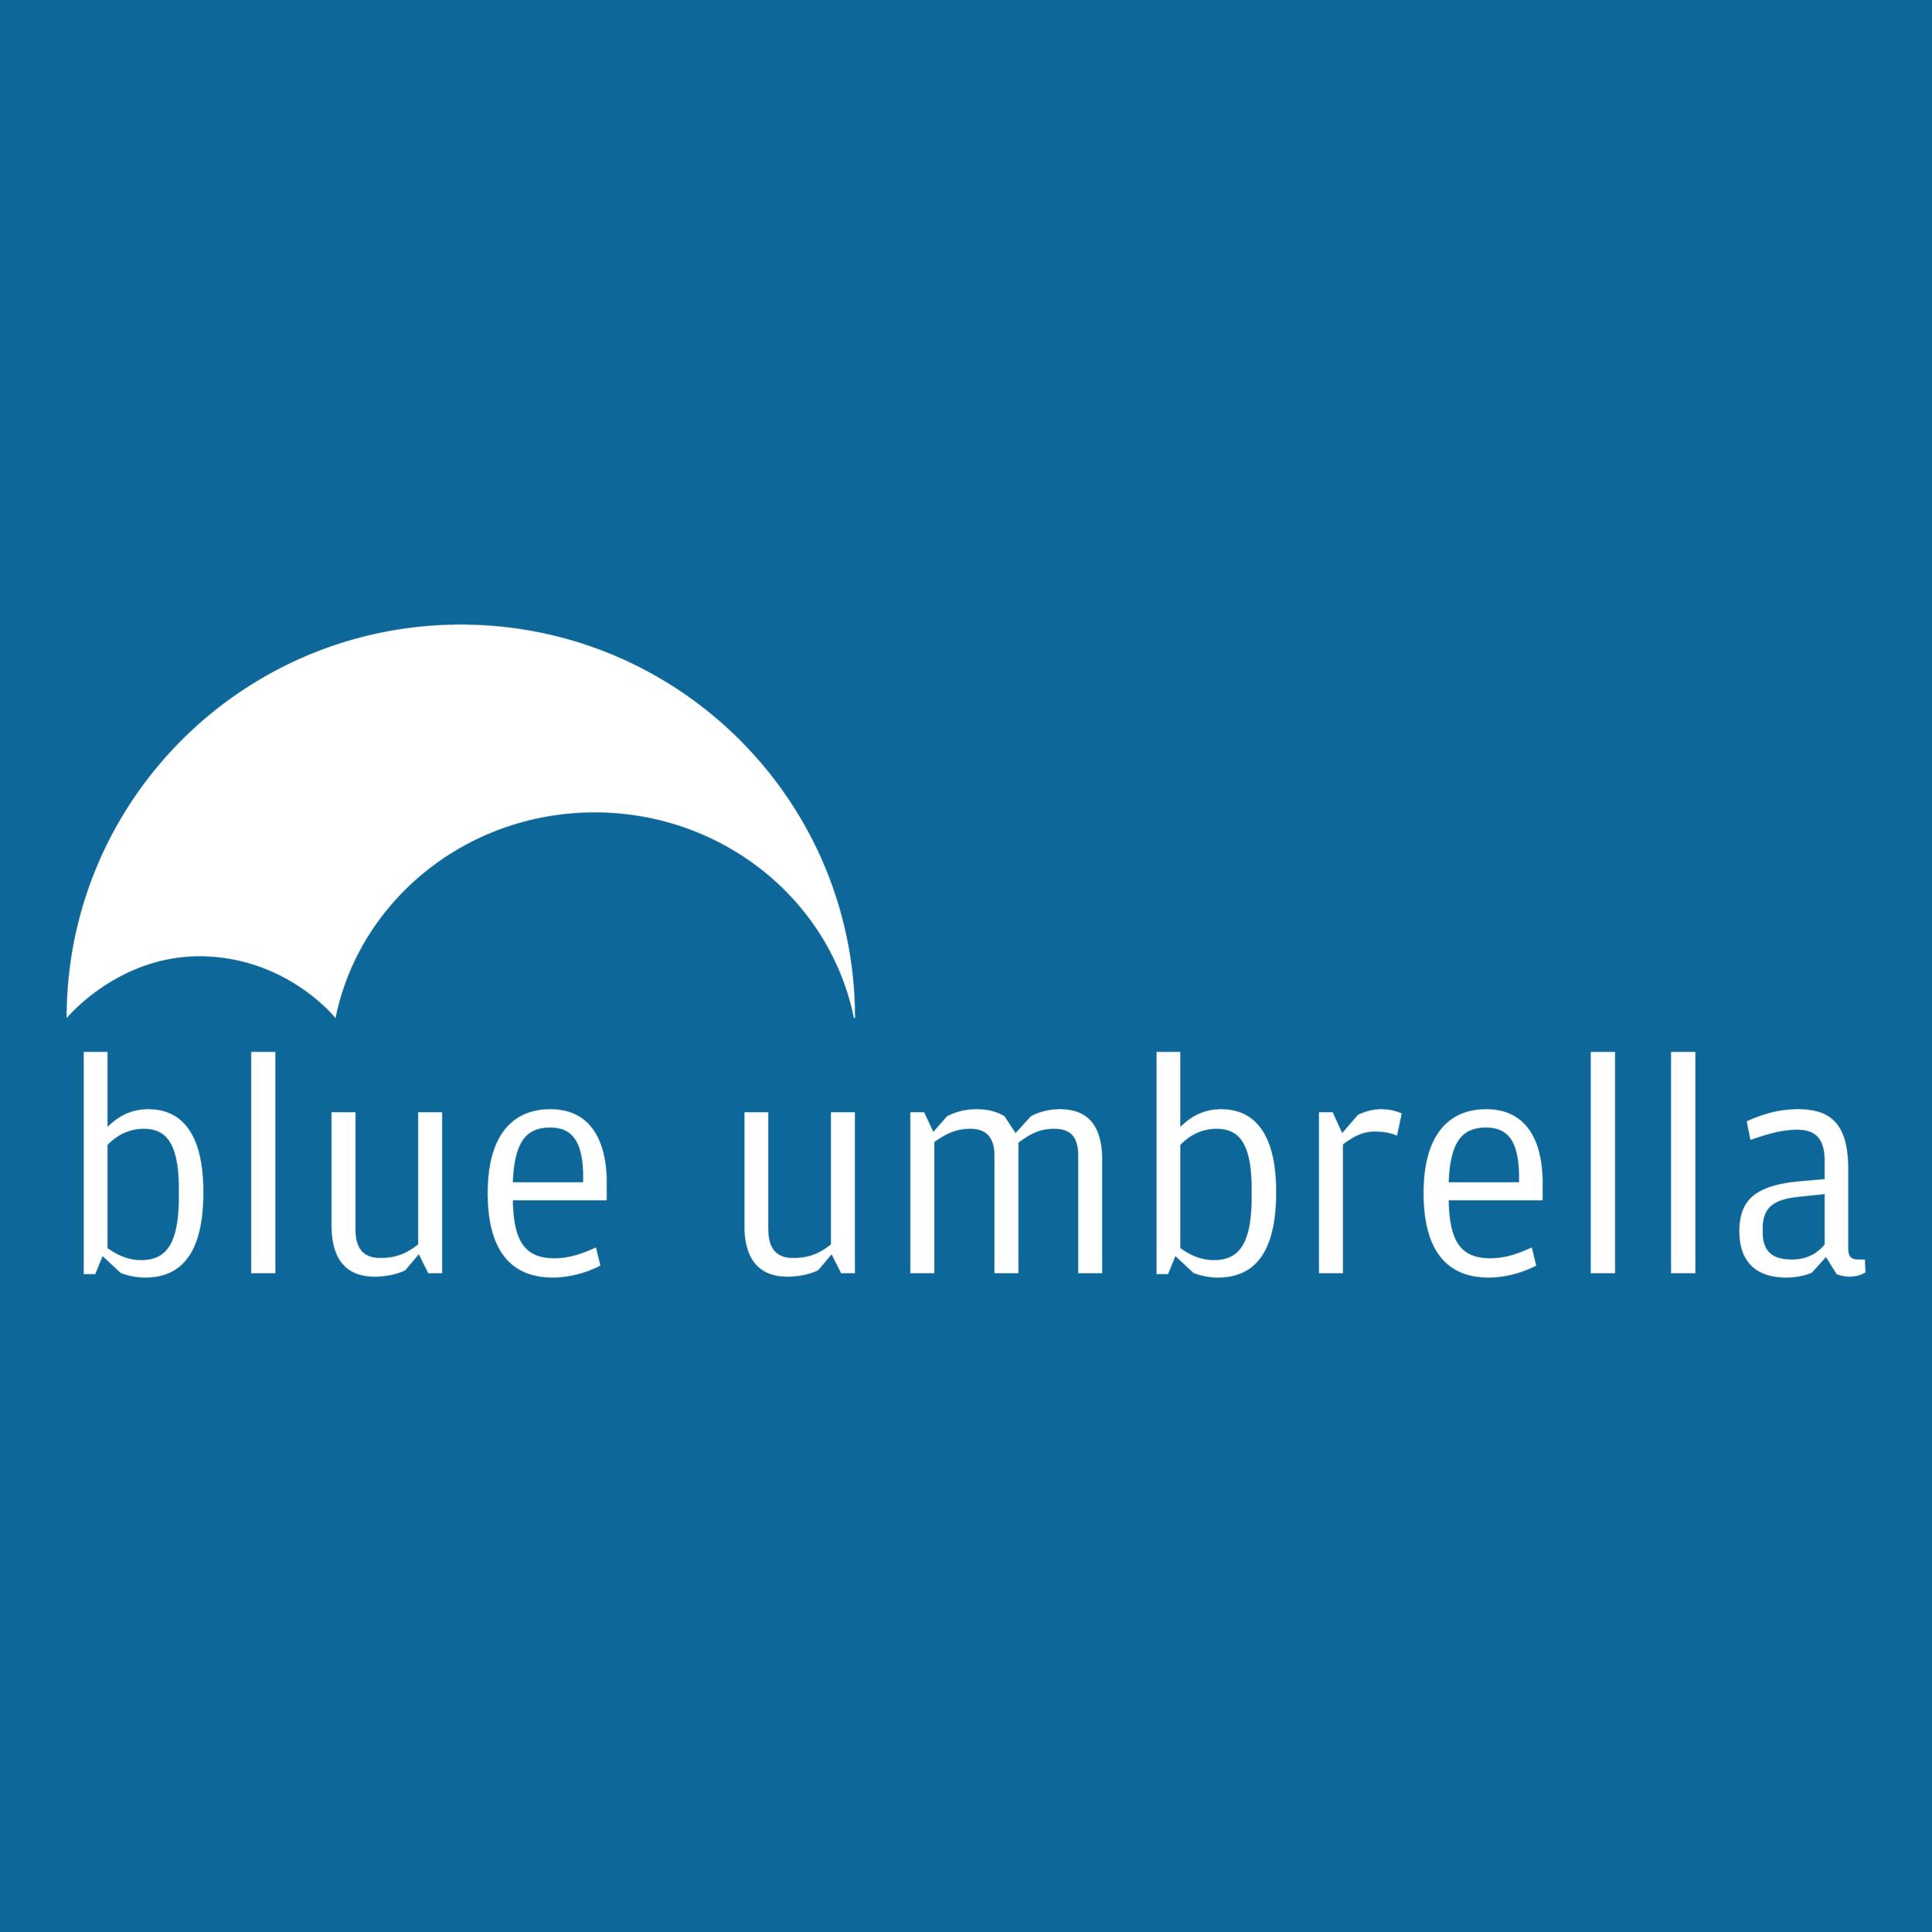 Blue Umbrella_square-250dpi.png